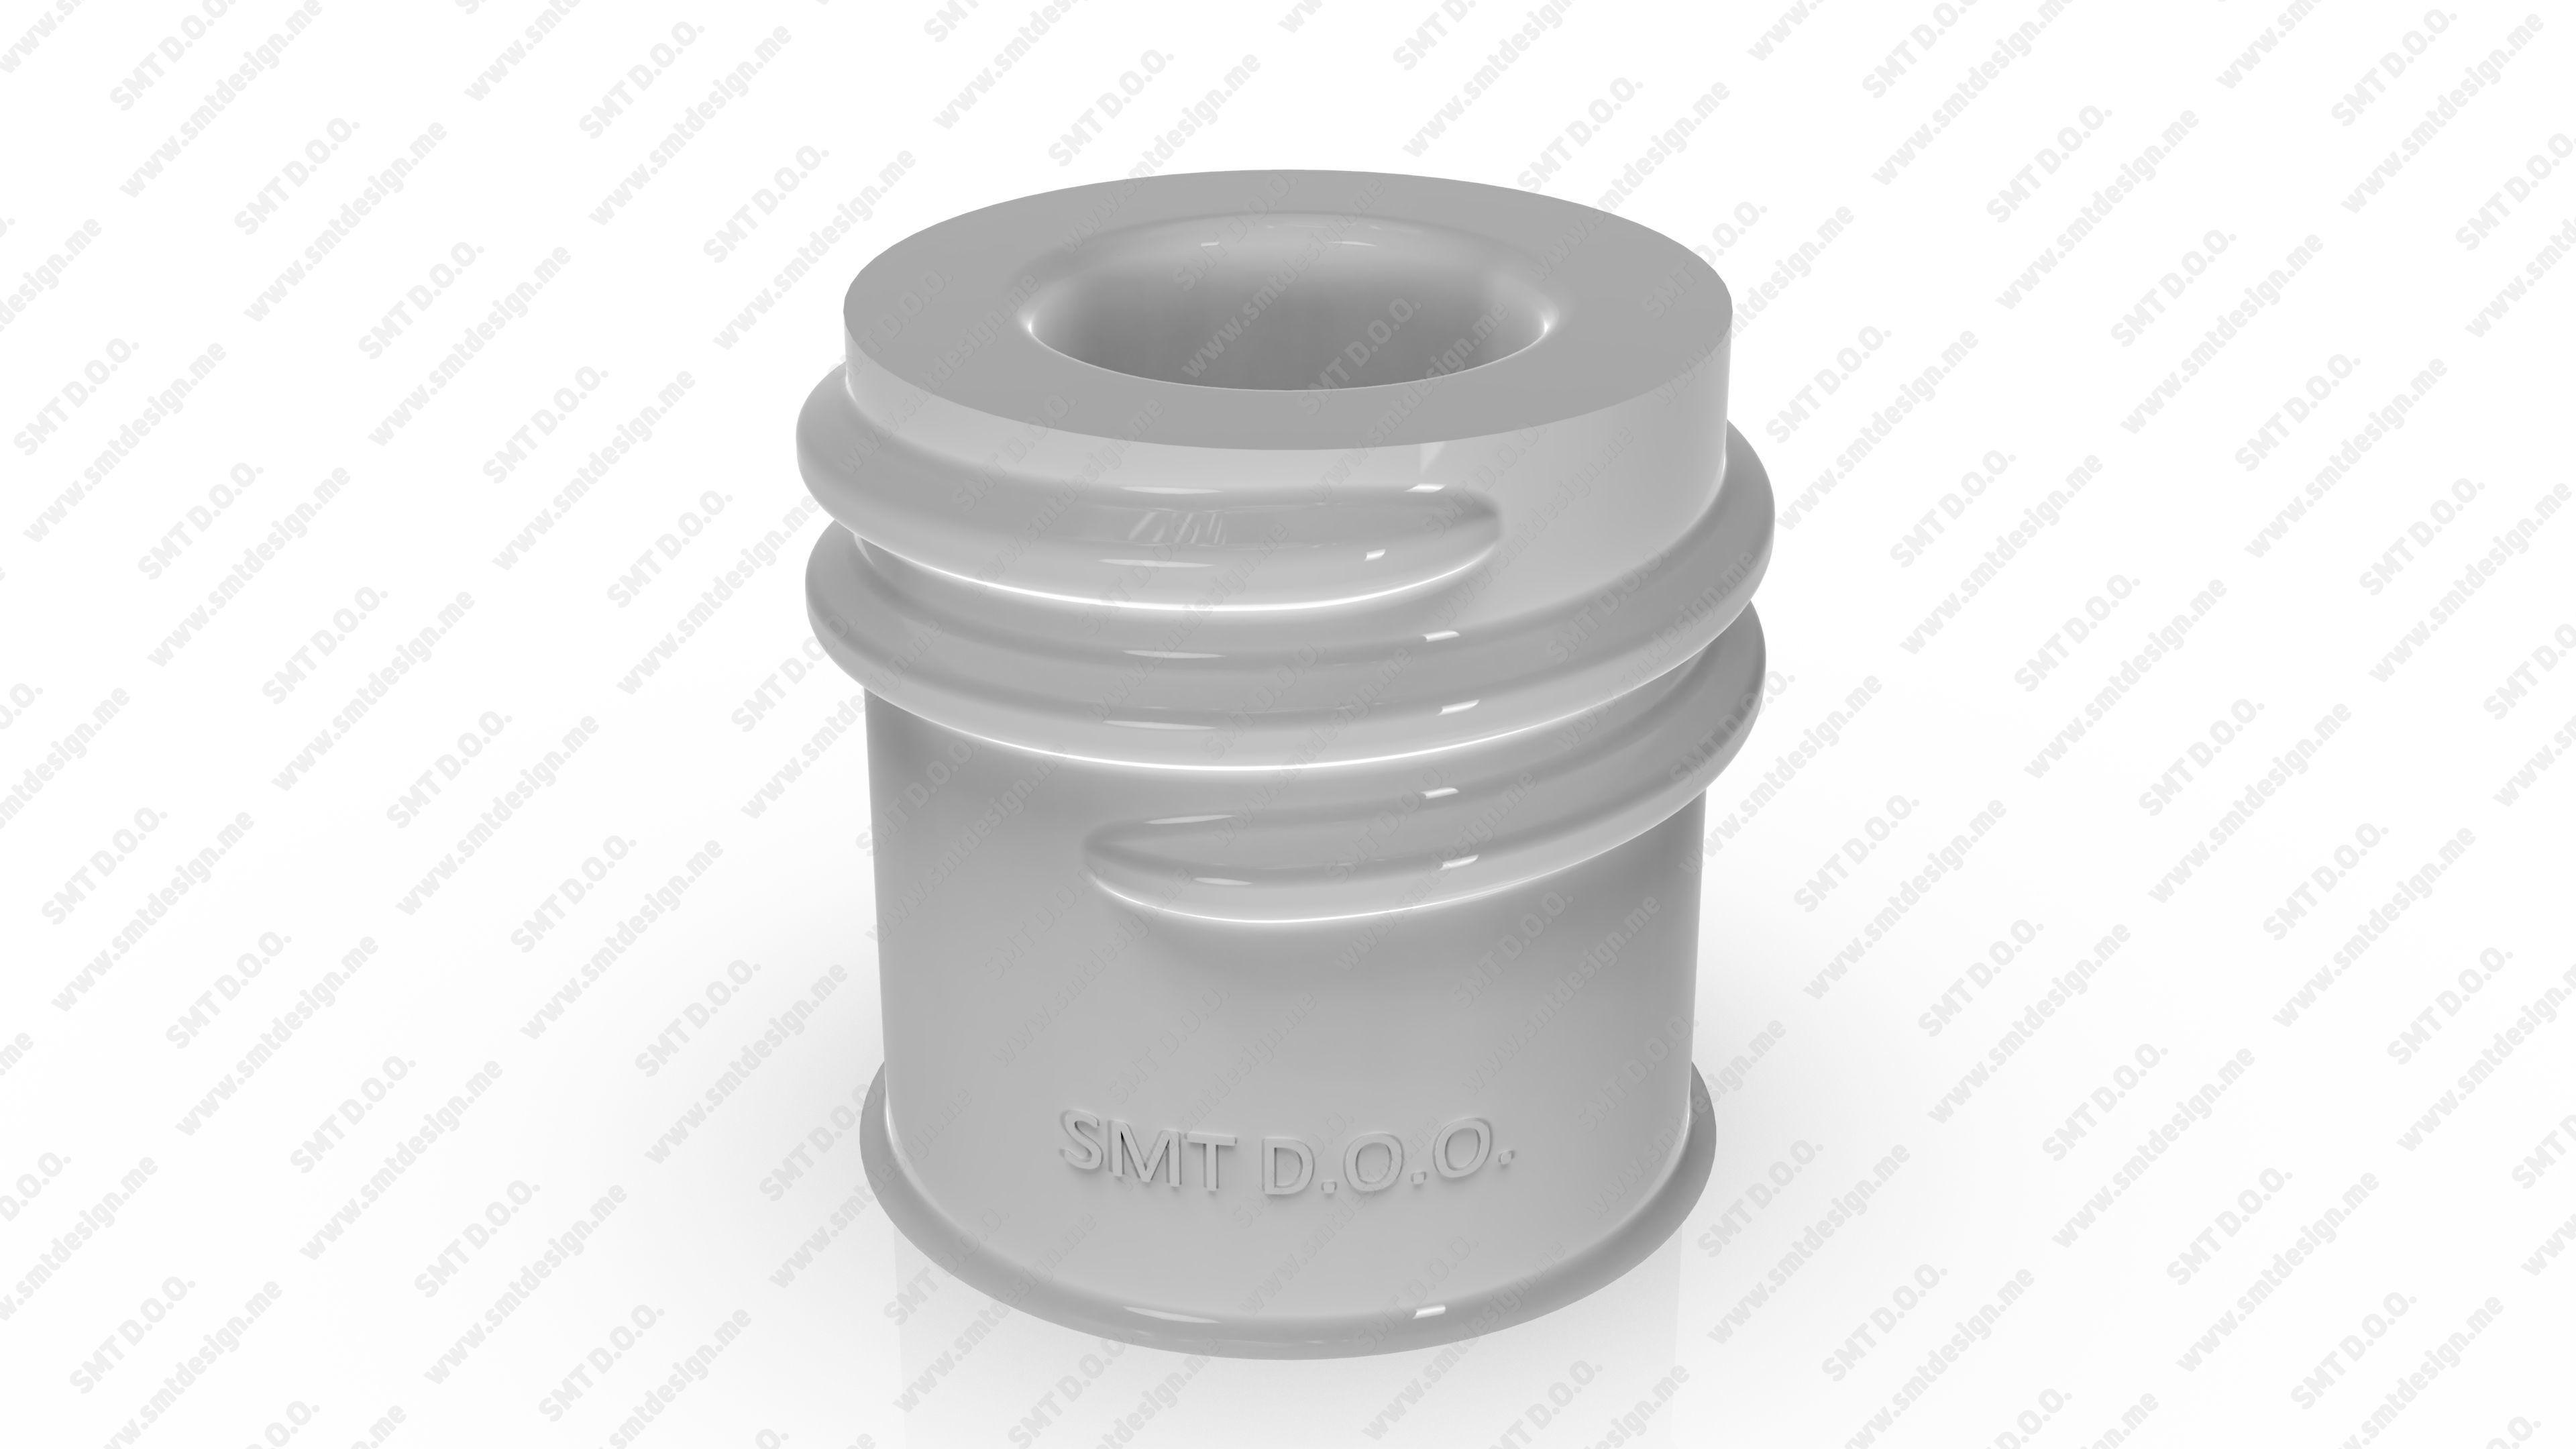 Neck of PET Preform - SP - 415 - 20 - L